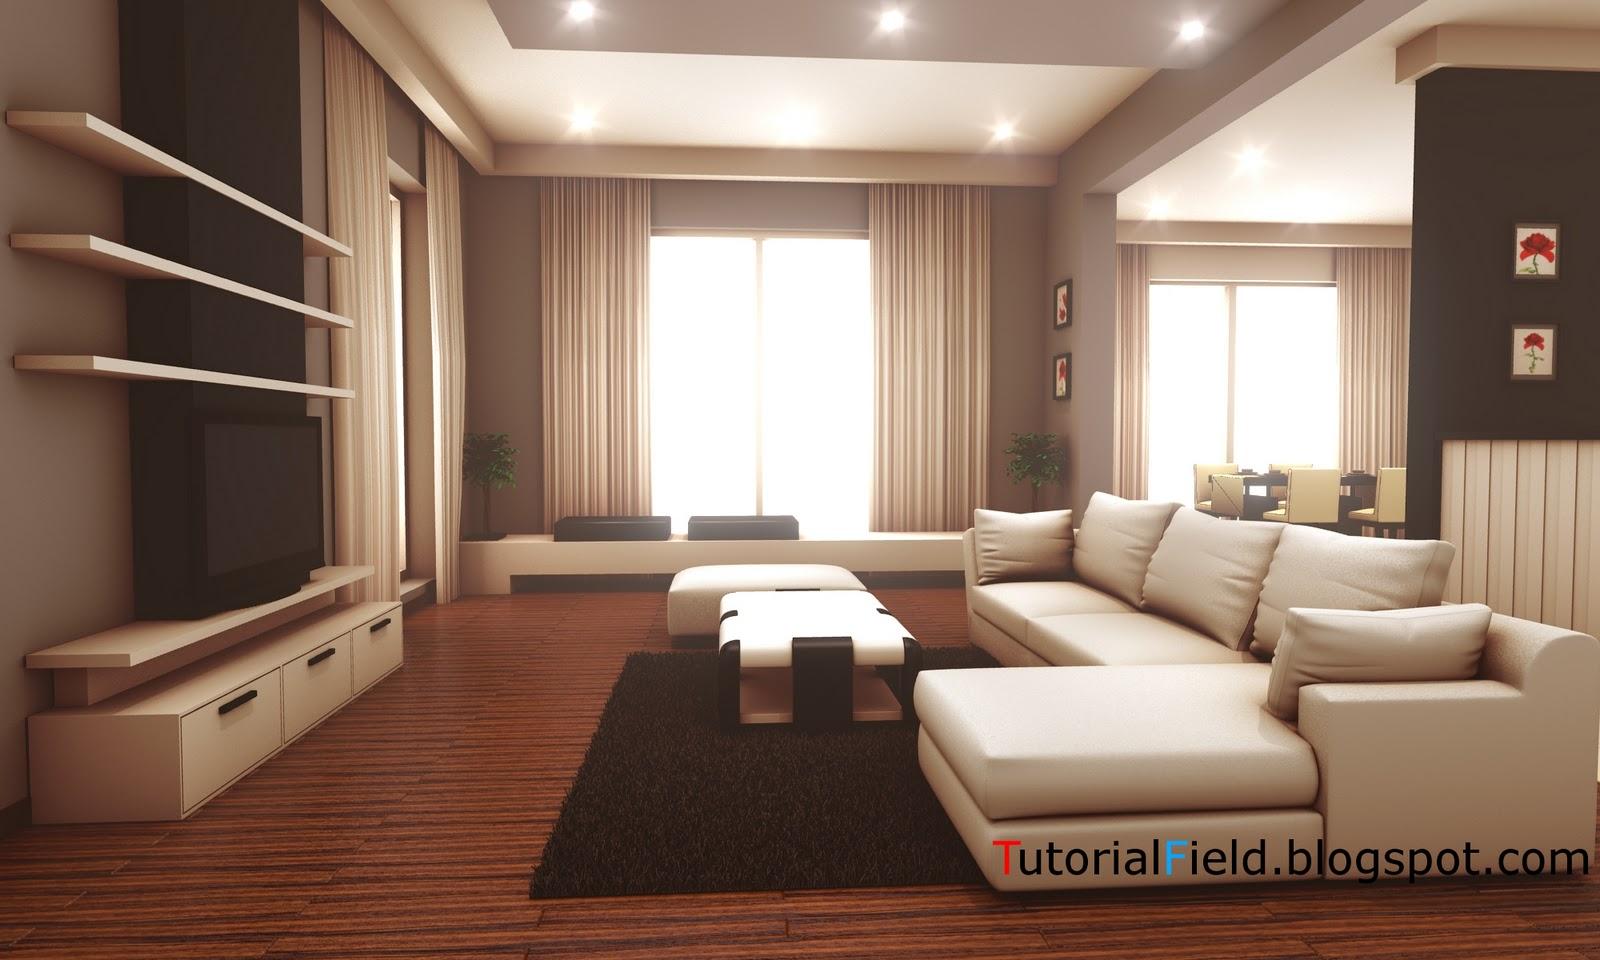 TutorialField.blogspot.com: Blender 2.6